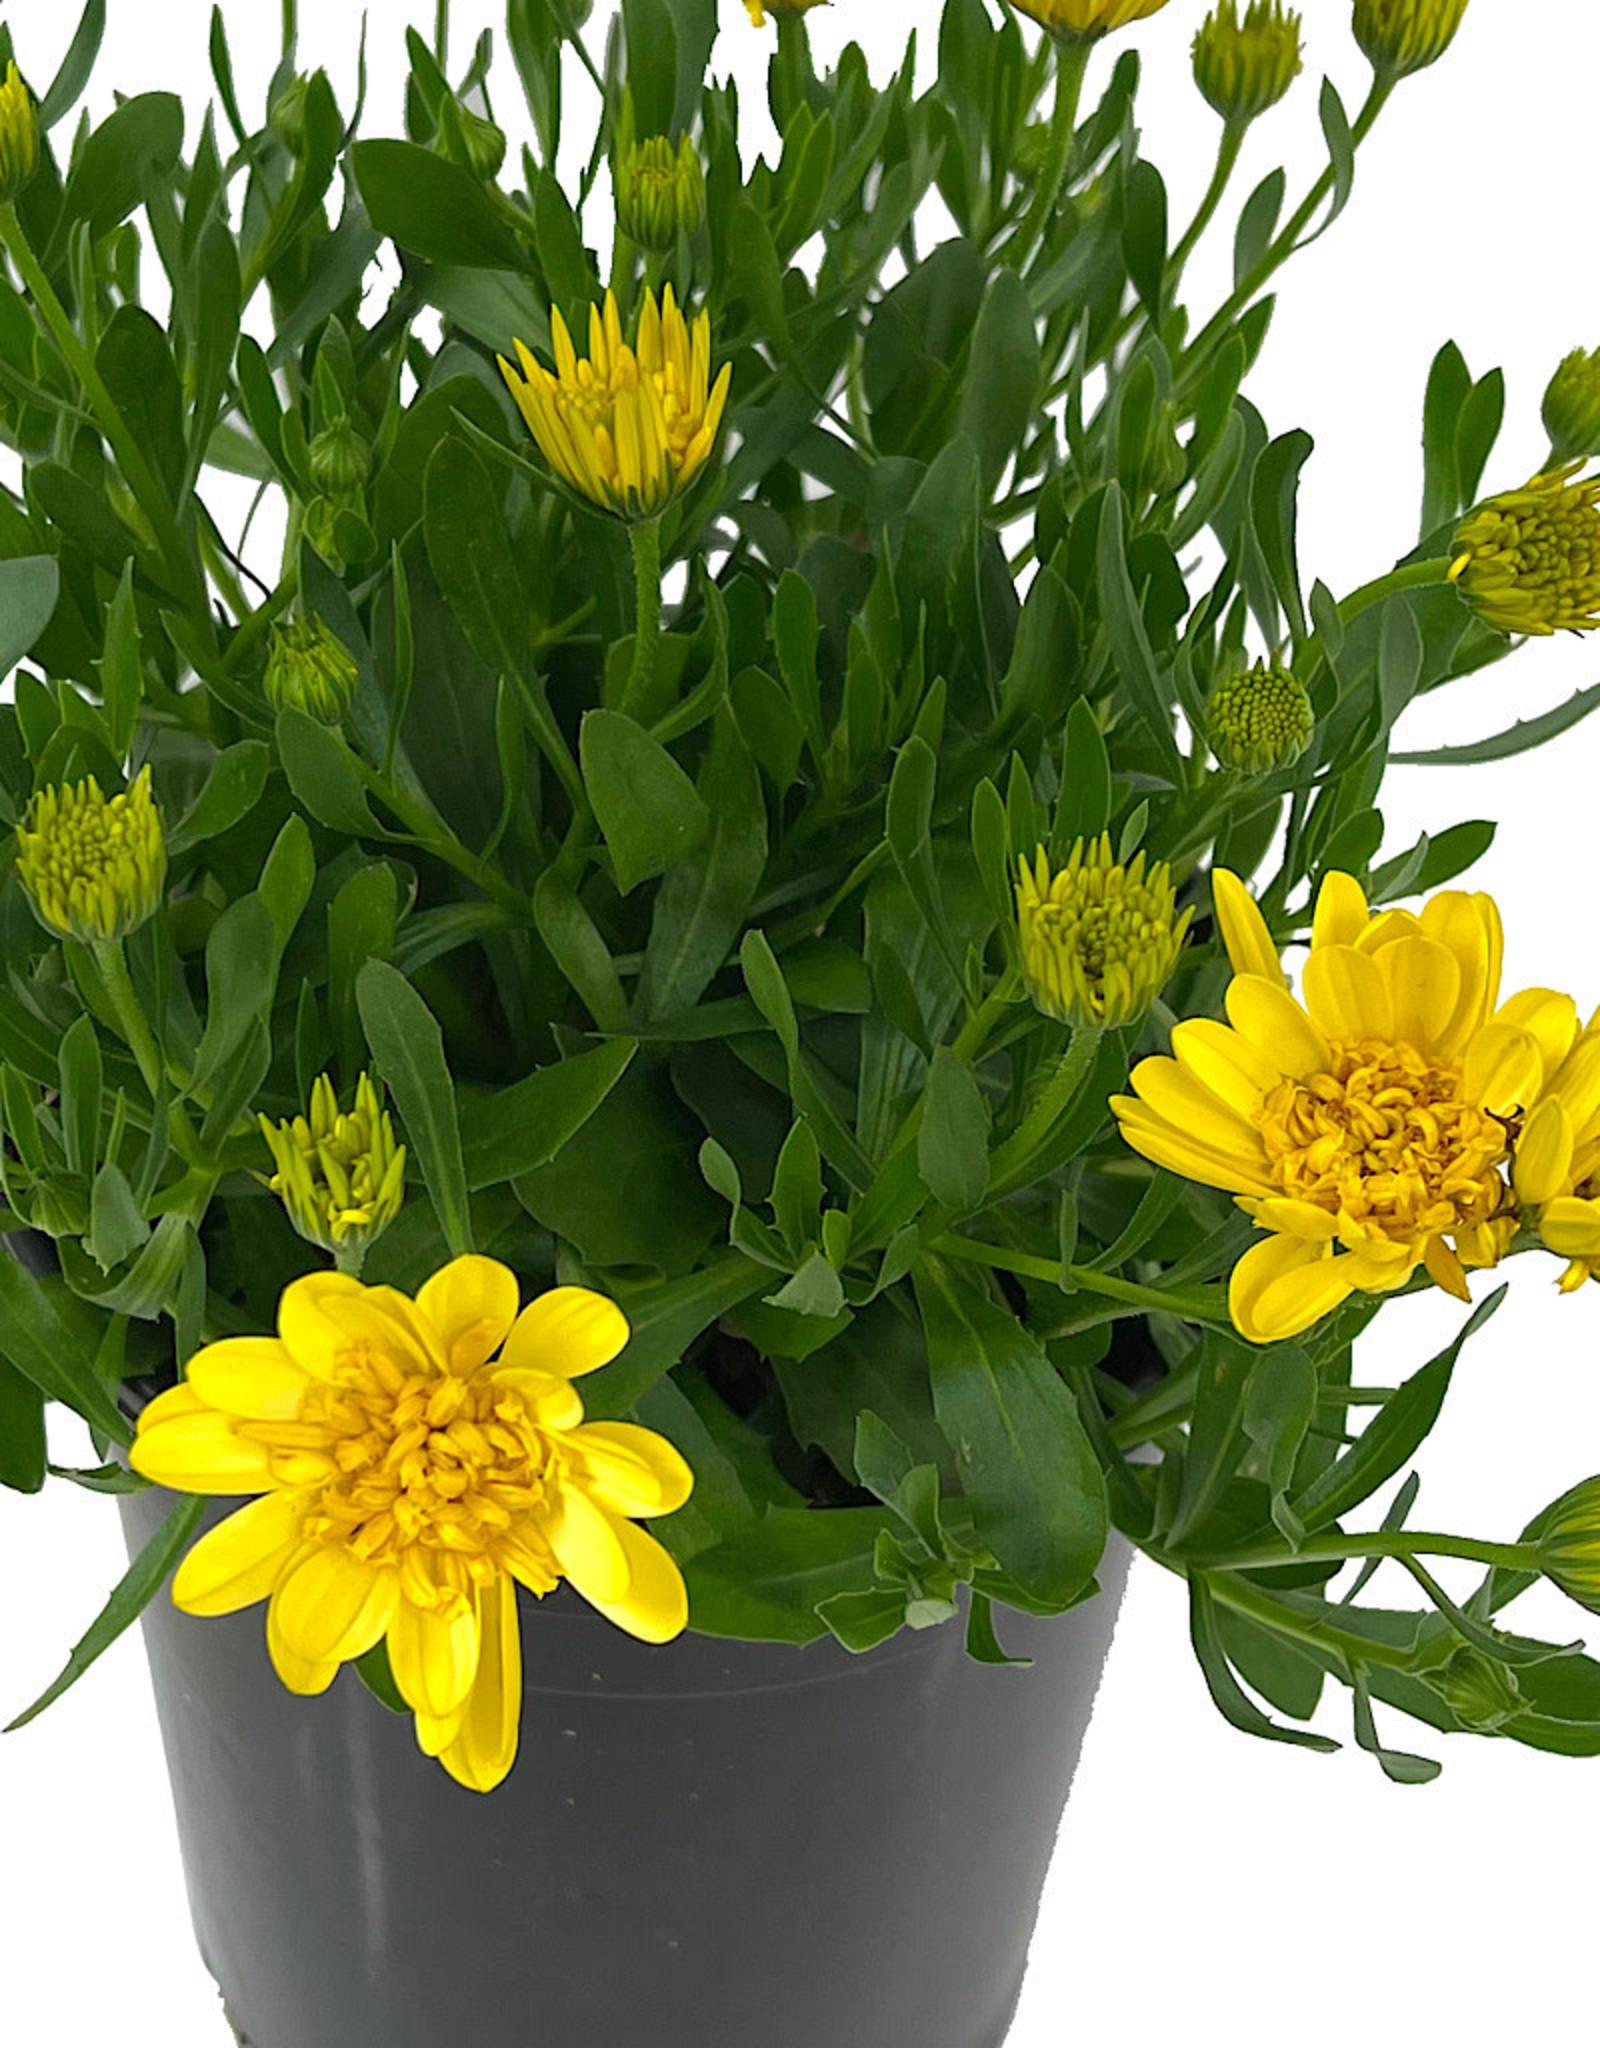 Osteospermum '4D Sunburst' 1 Gallon